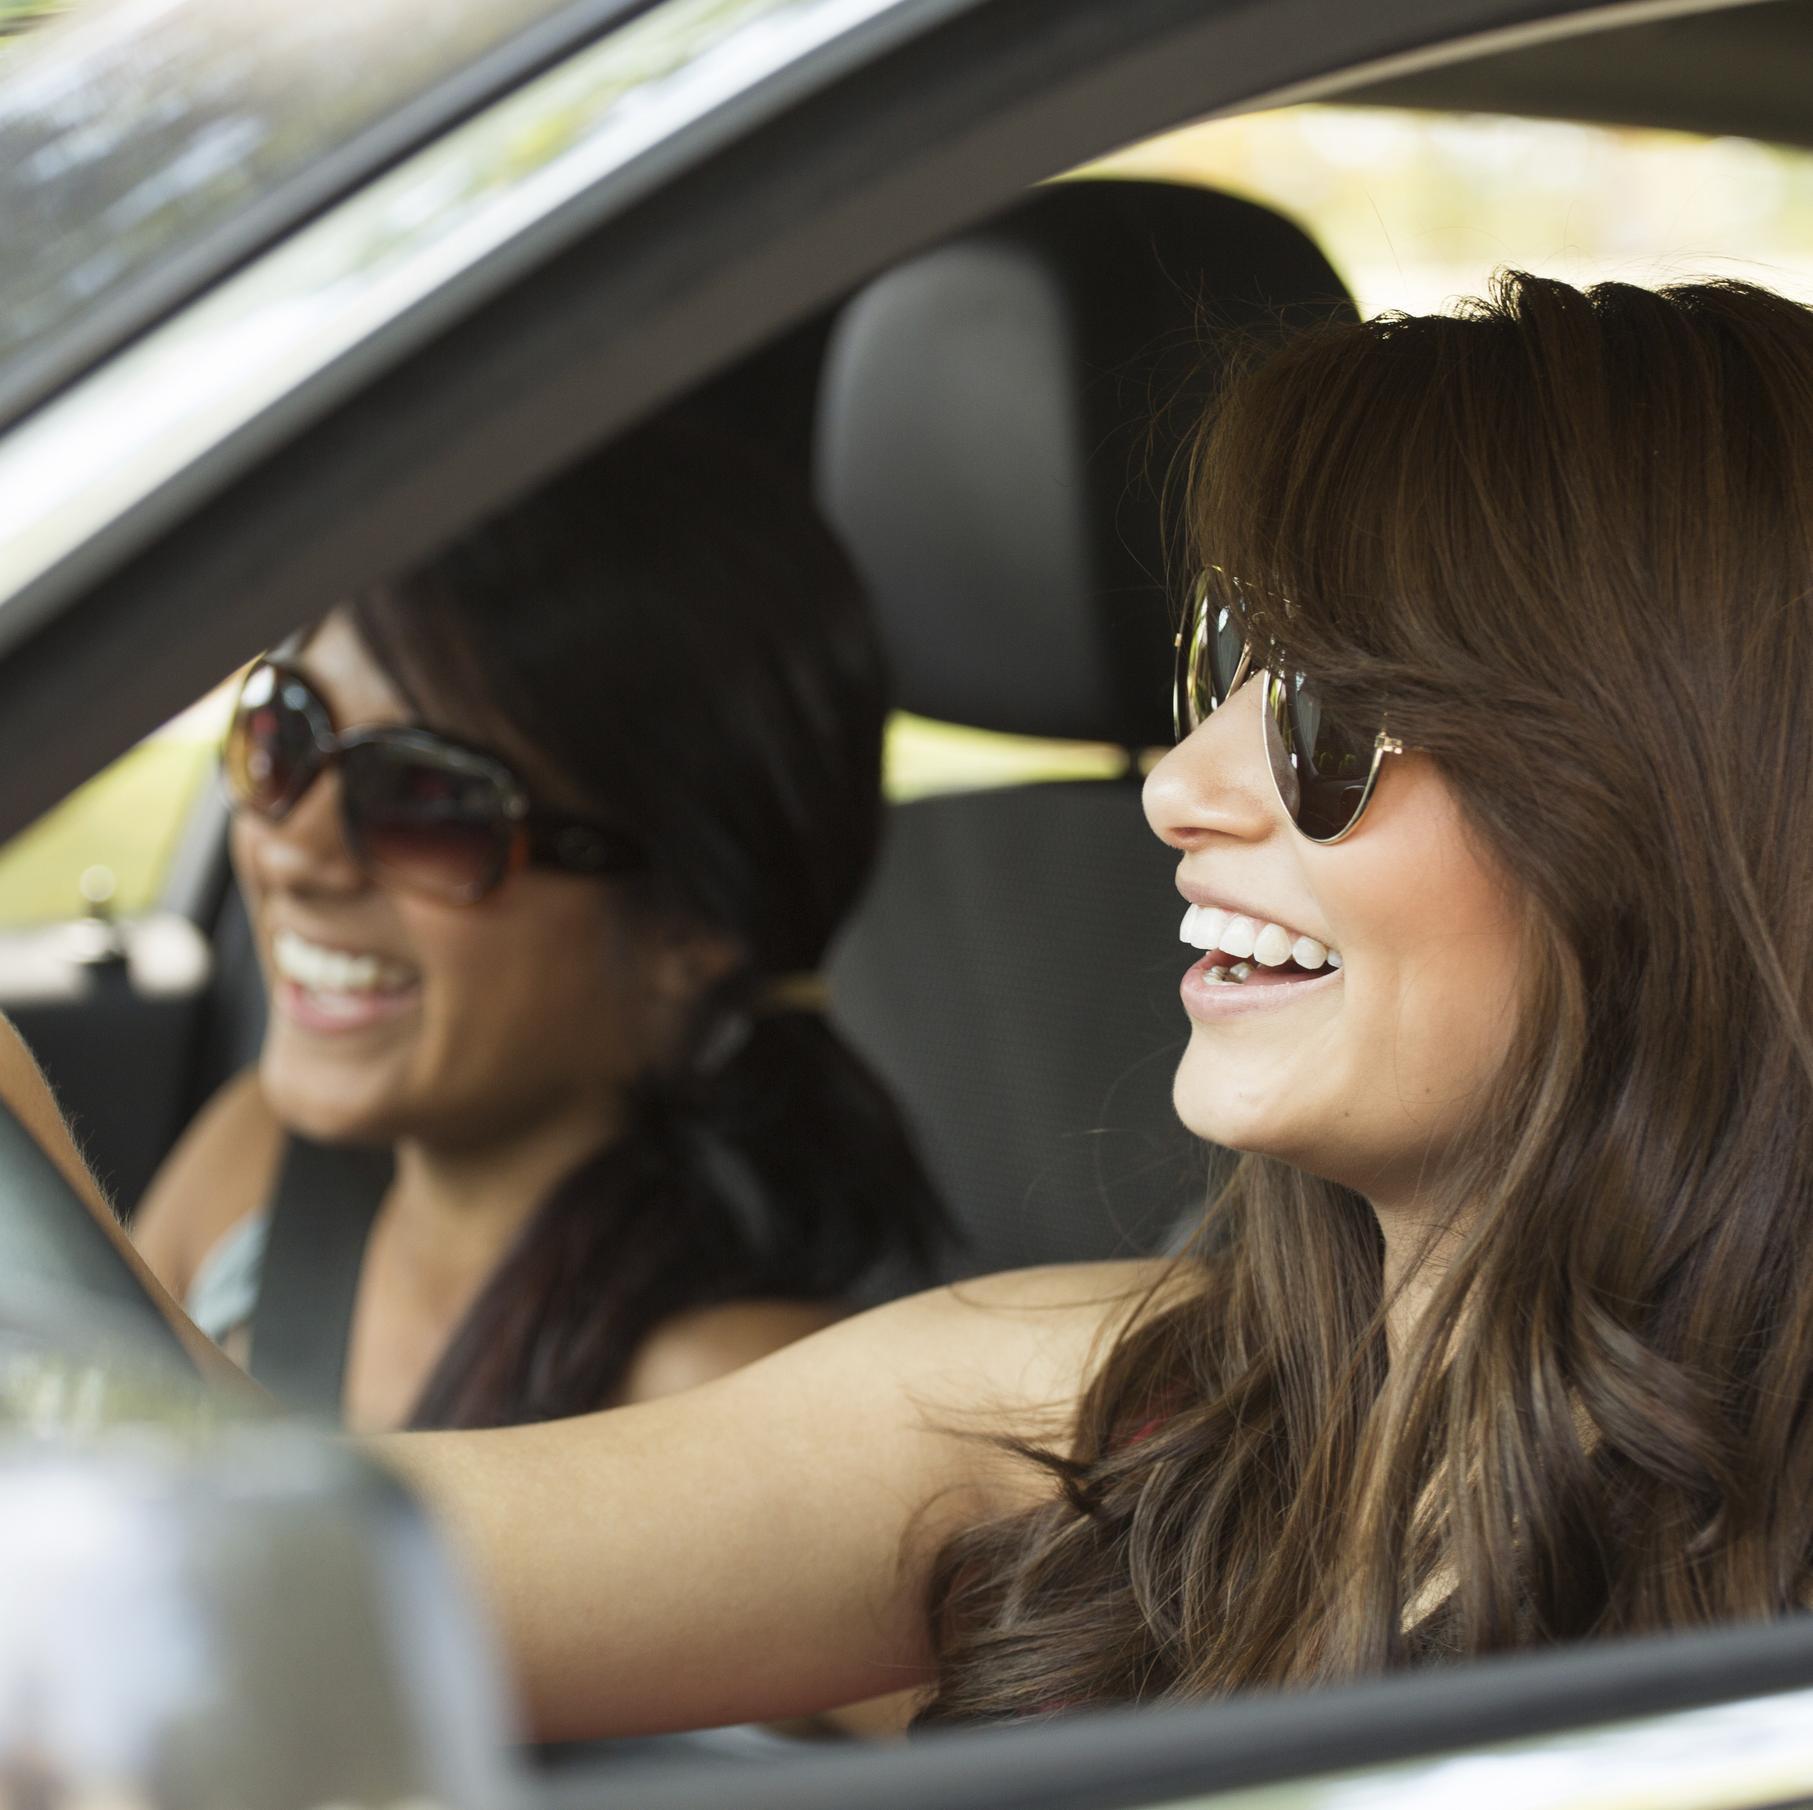 Passager sécurité voiture